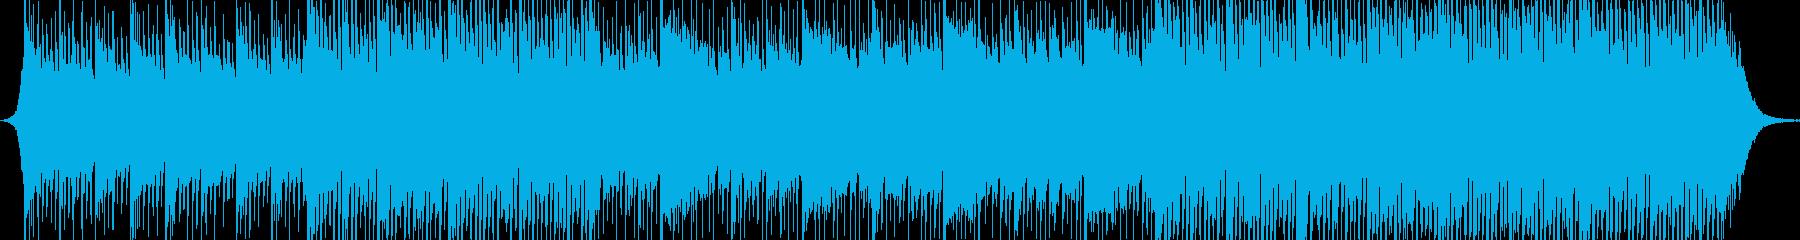 アジアンスタイルの歌の再生済みの波形